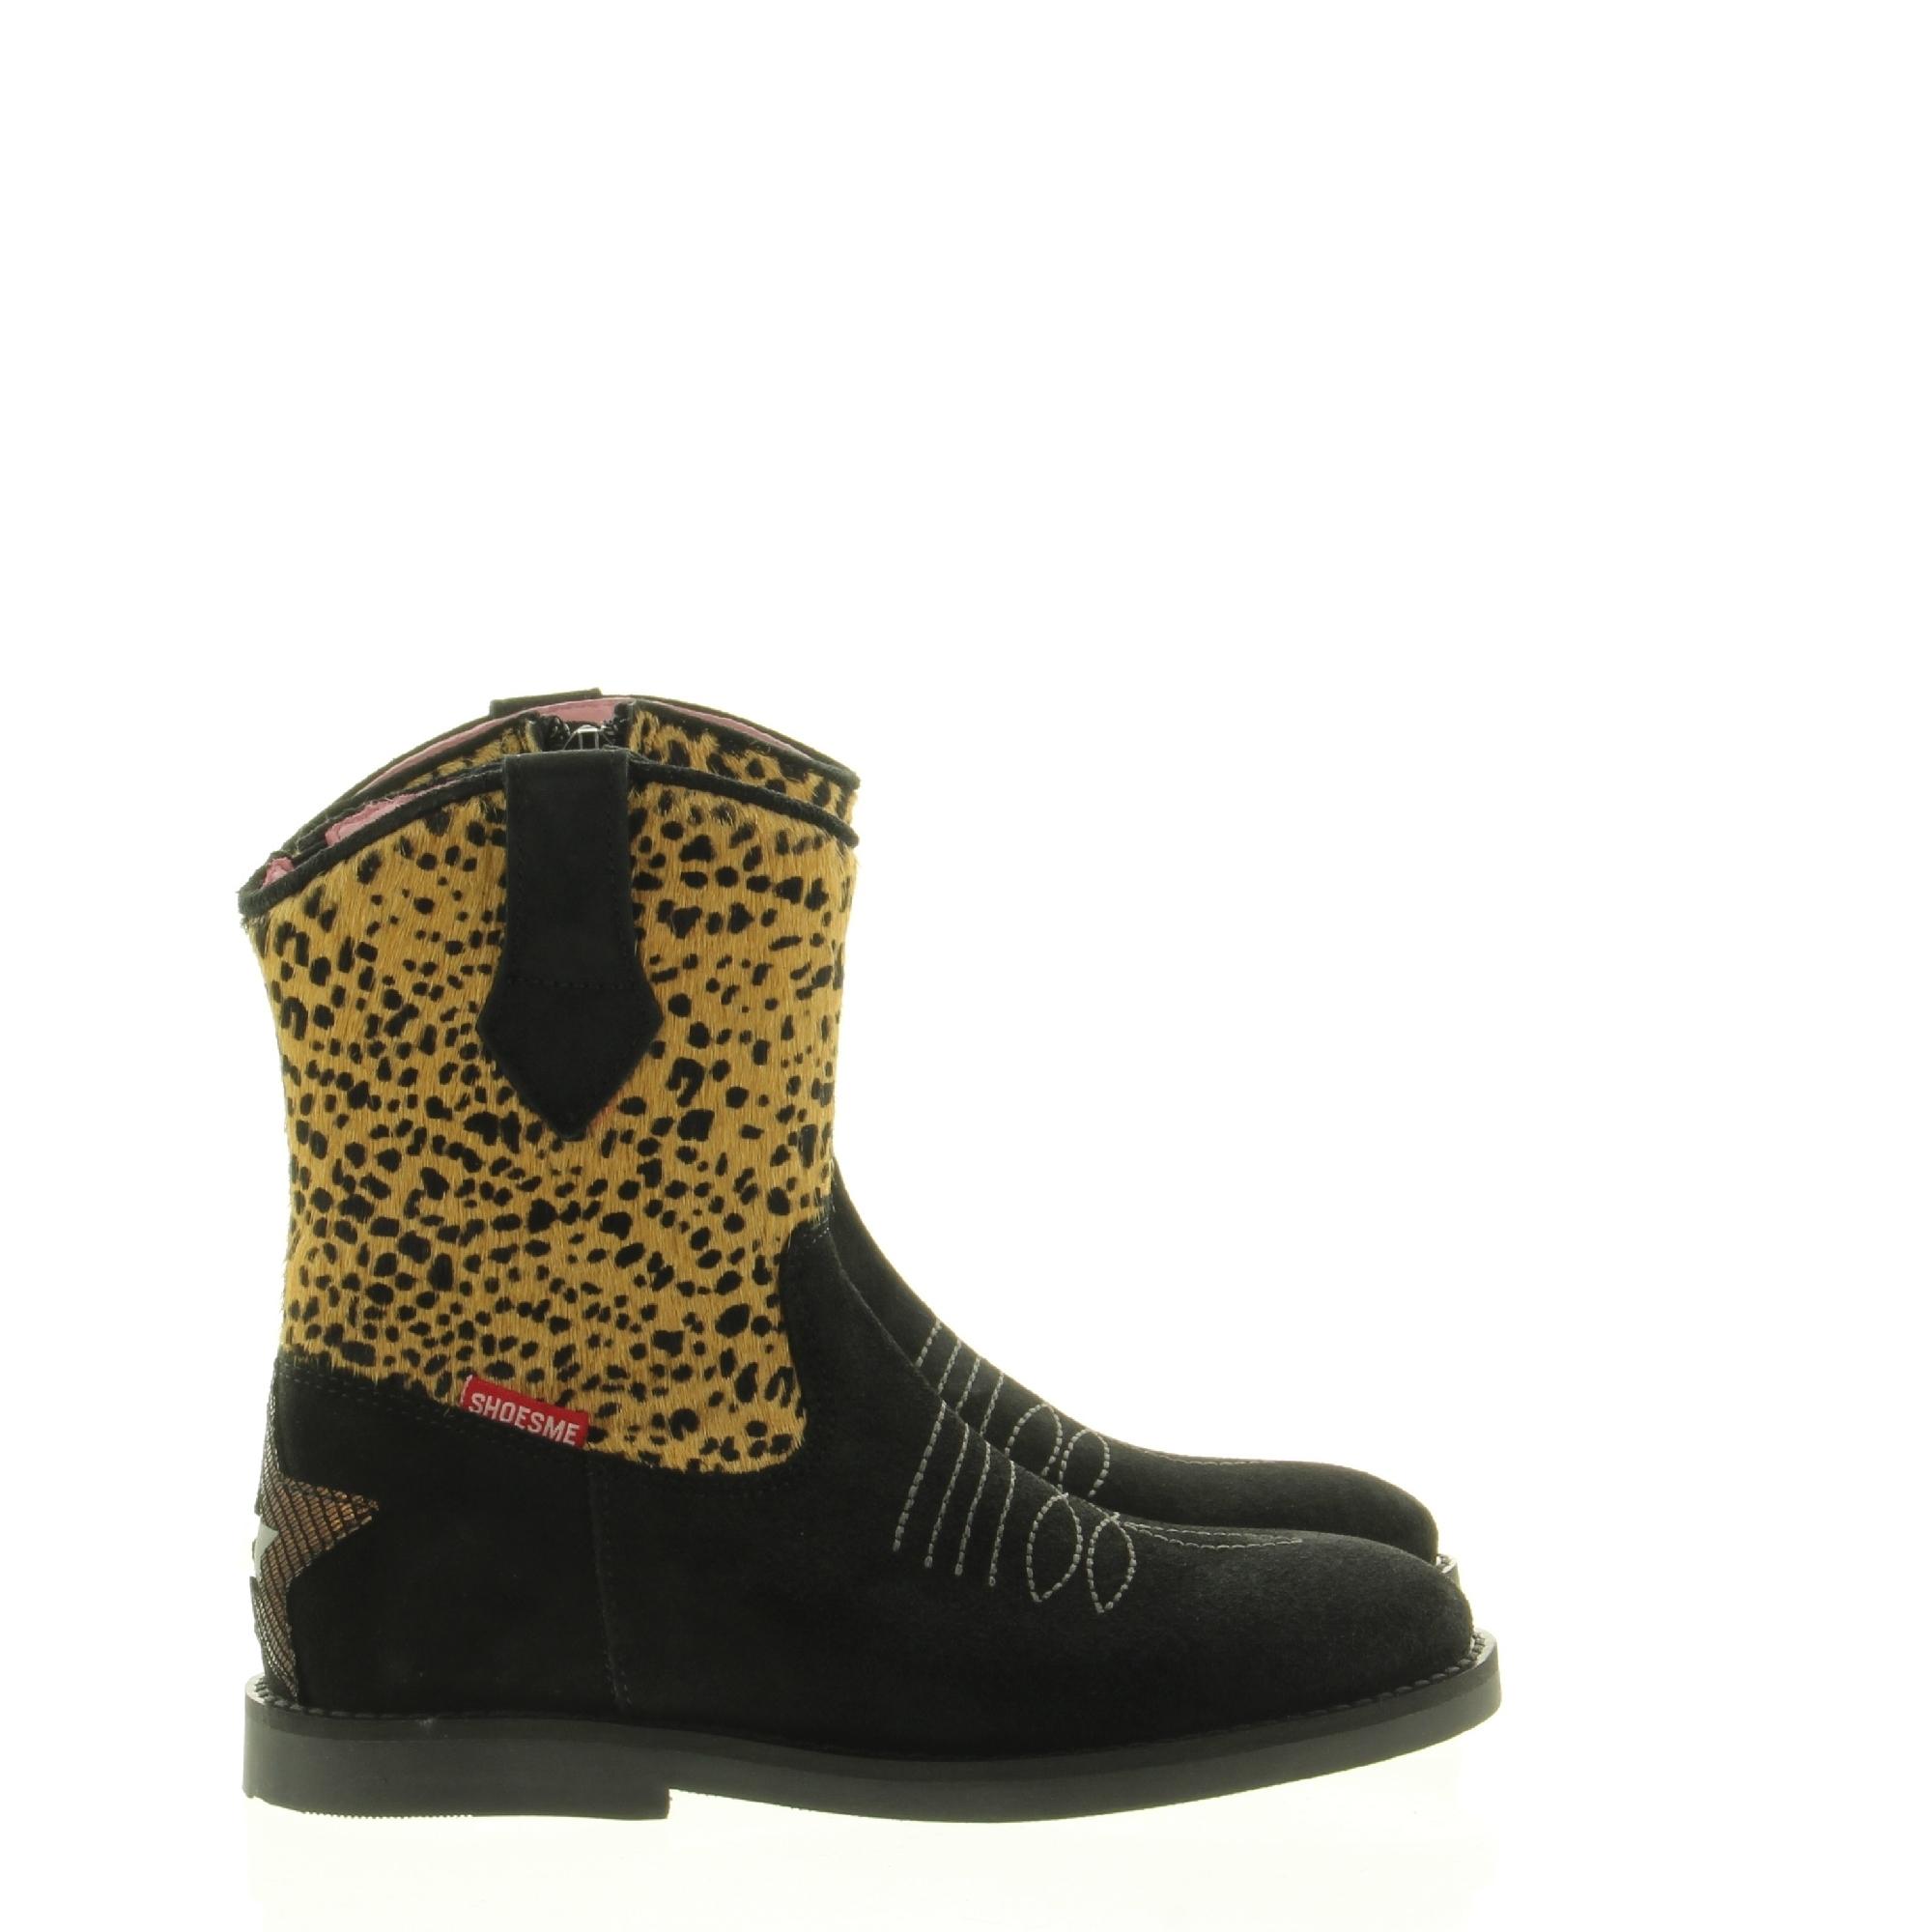 ShoesMe SI20W059-B Silhouet Black Brown Leopard